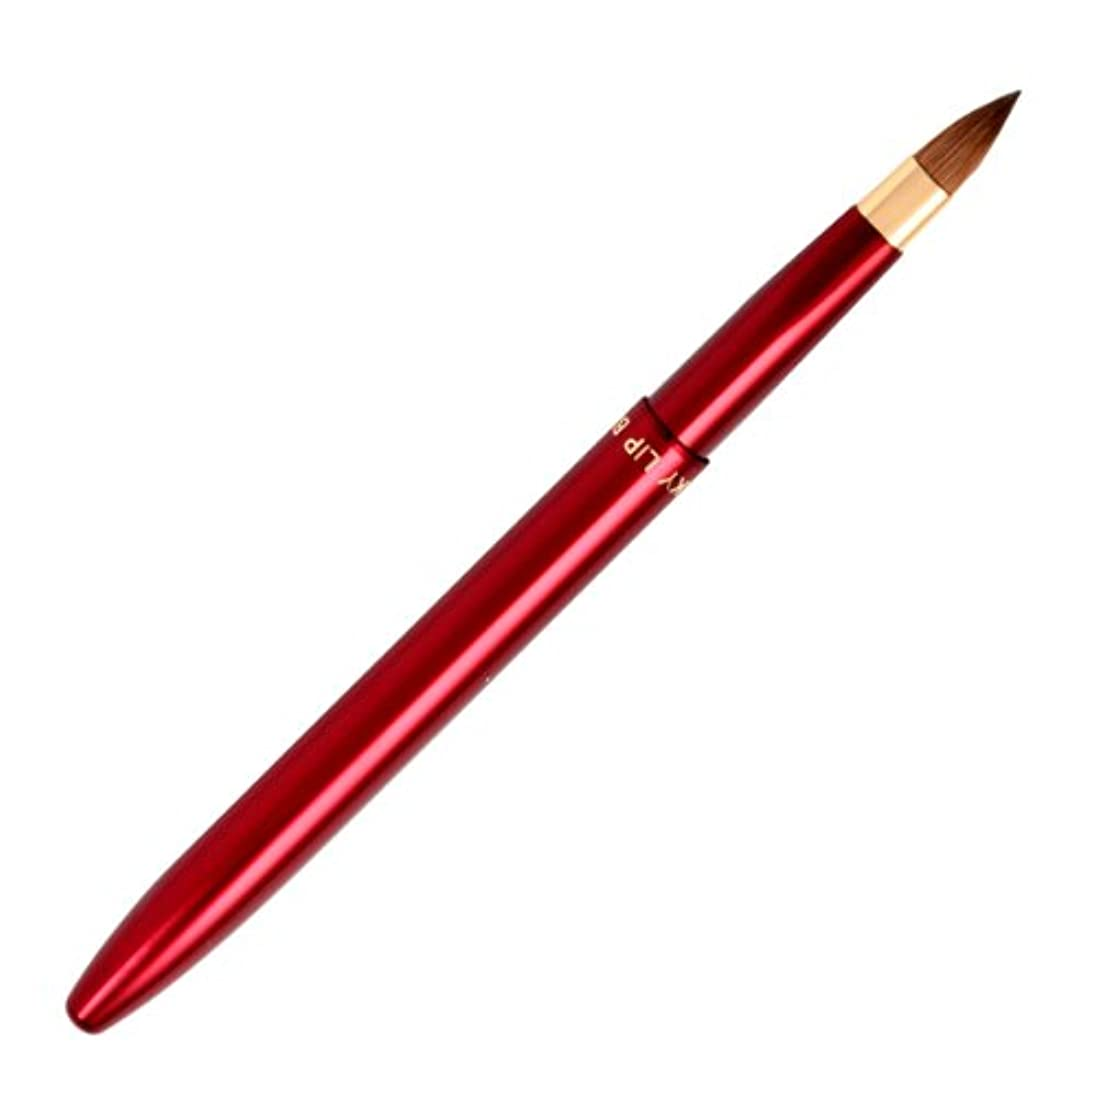 三商業の気づかない広島熊野筆 オートリップブラシ 毛質 コリンスキー